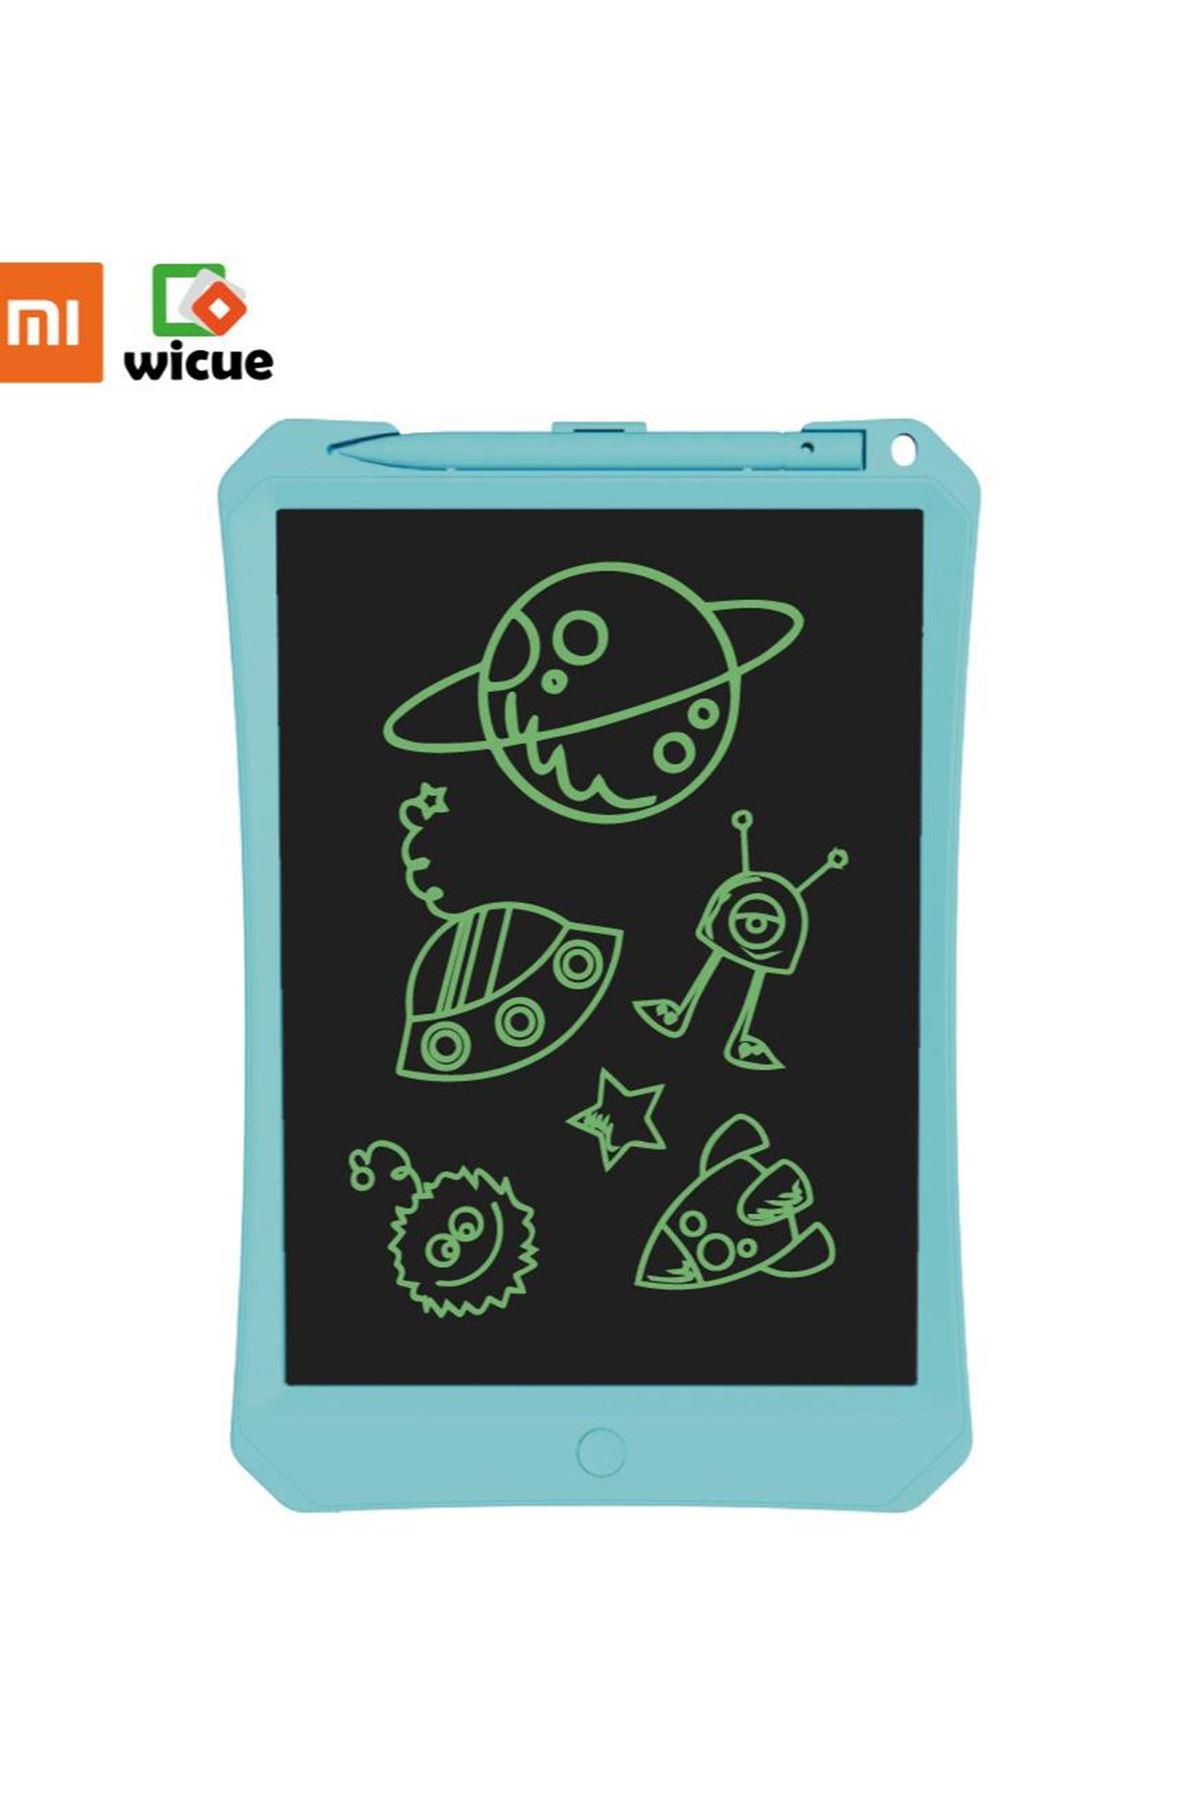 Xiaomi Wicue 11 LCD Dijital Çizim Tableti Mavi